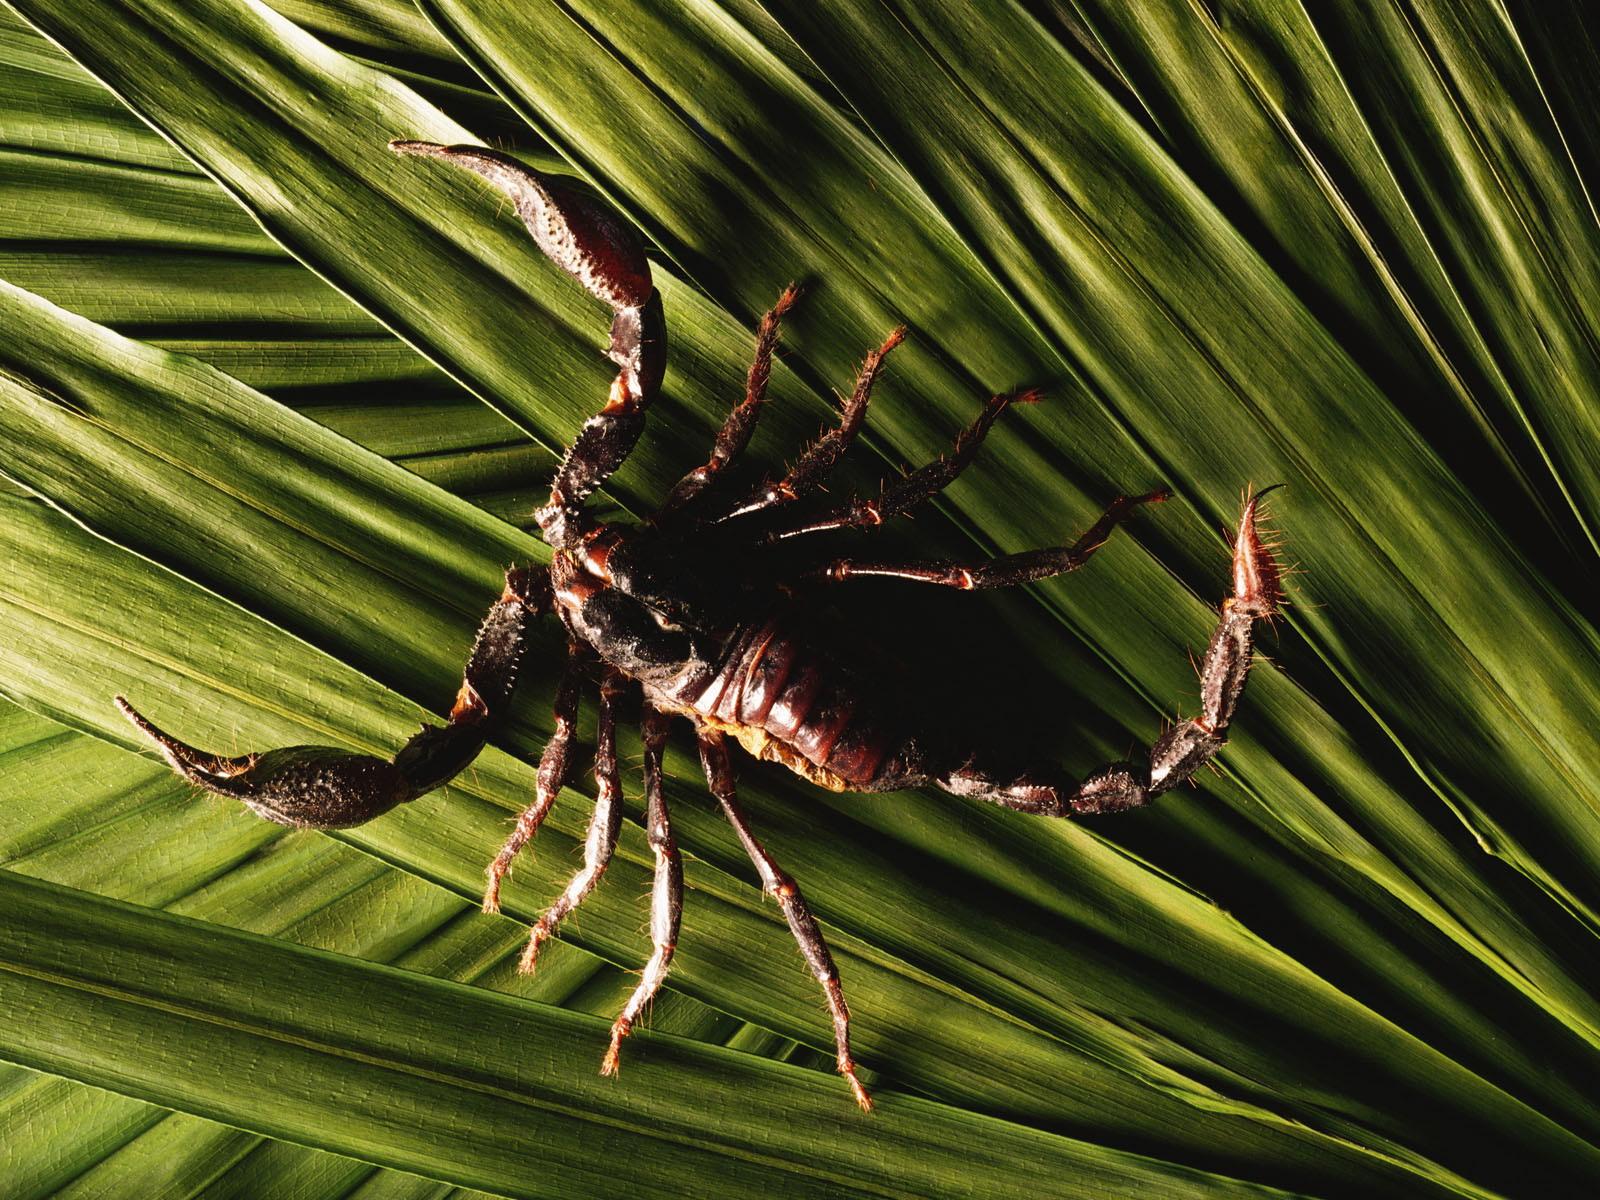 http://1.bp.blogspot.com/_rbTWXhUBelM/TUlP5ZyqqlI/AAAAAAAAAAs/cfZPdU9C6bg/s1600/scorpion_wallpaper.jpg